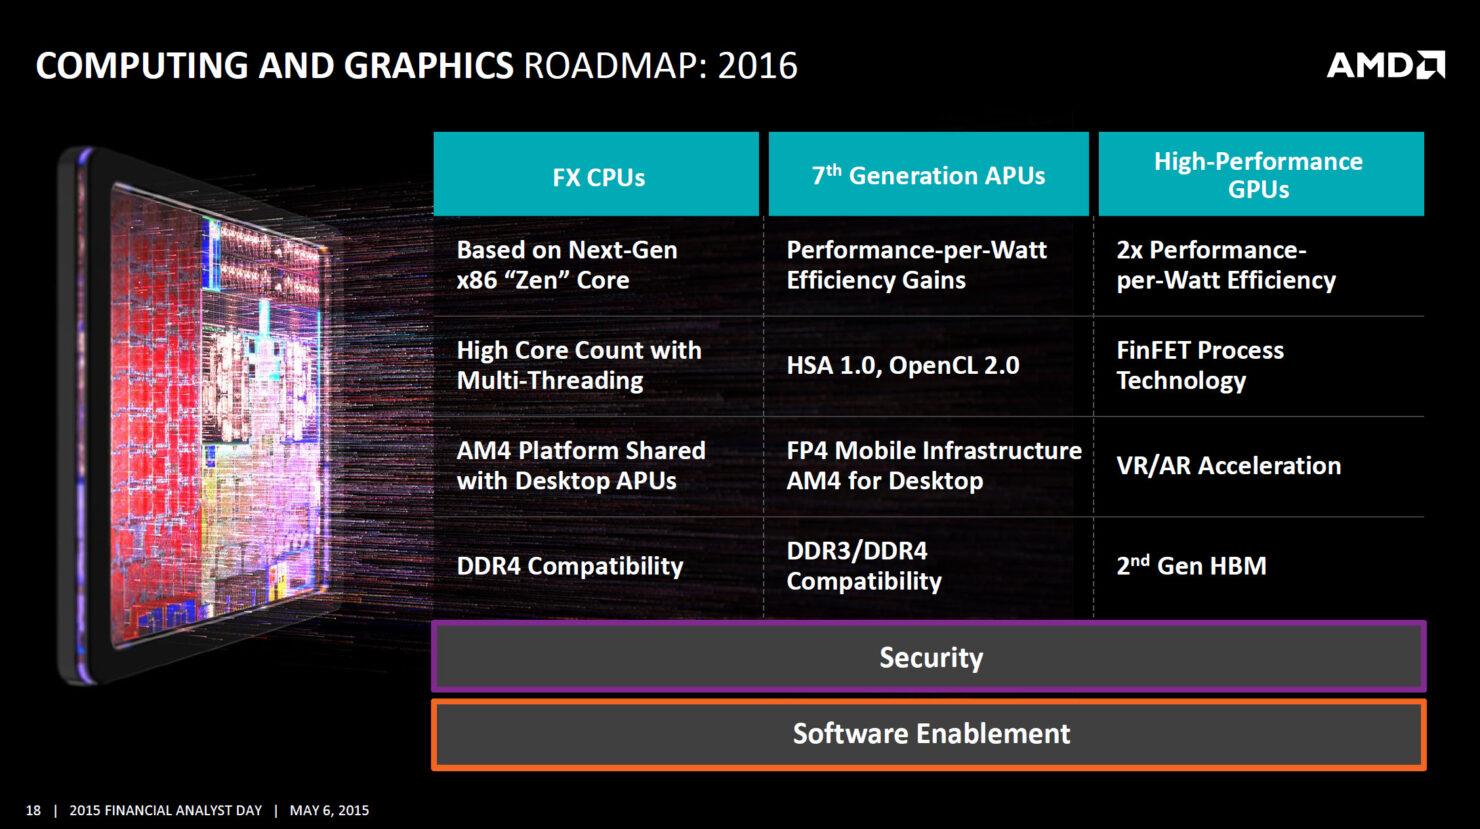 amd-computing-roadmap-2016-fx-cpus-apus-gpus